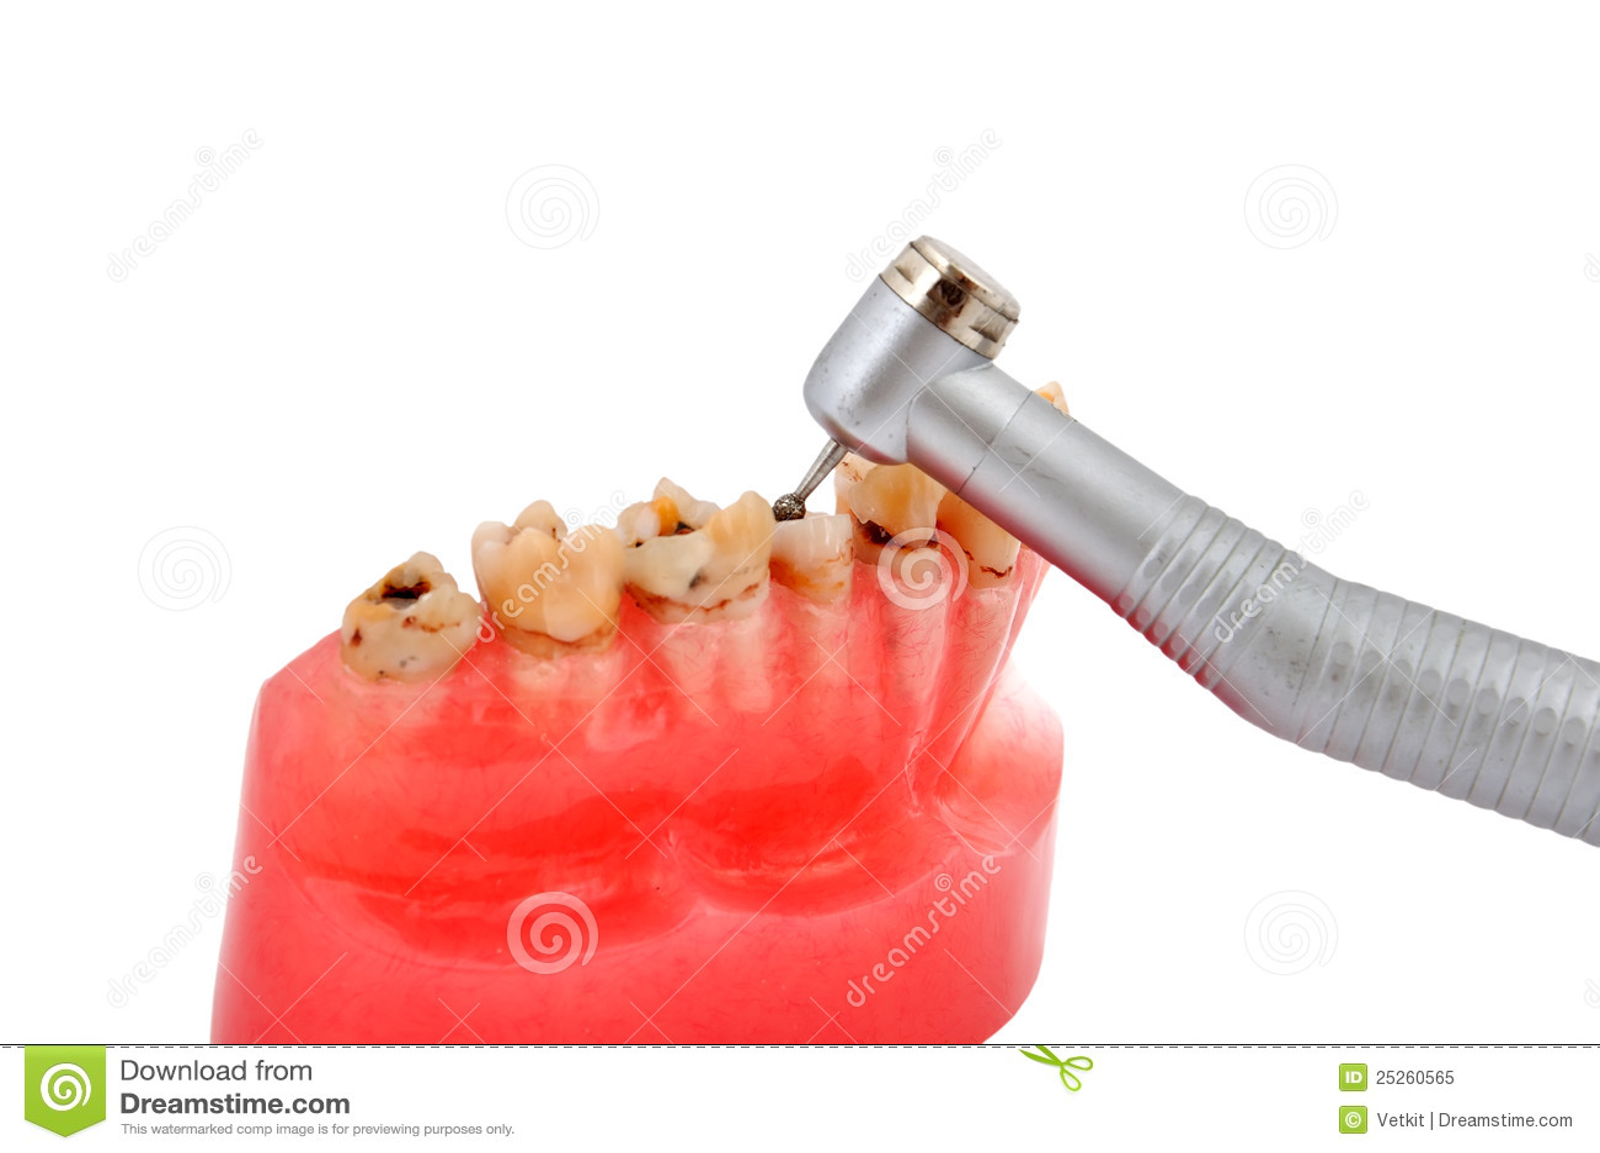 Kiefer und zahnmedizinisches handpiece